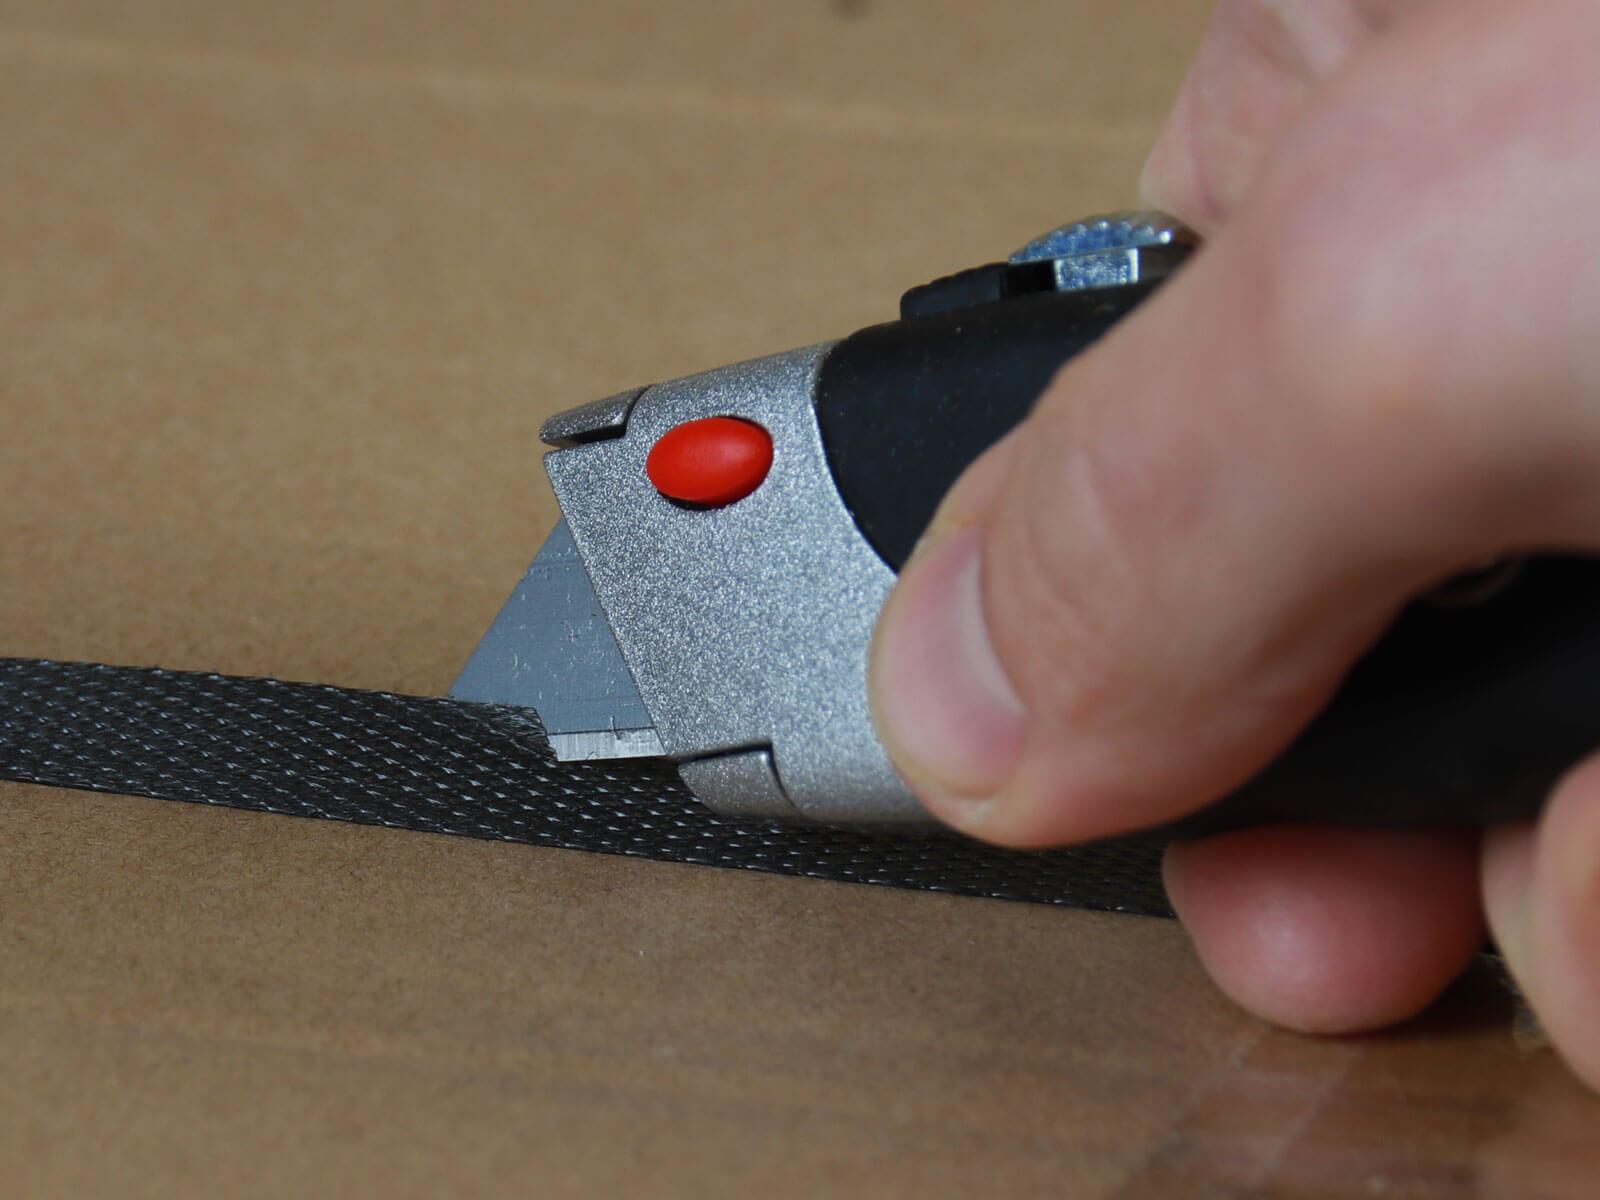 U012 Cuttermesser manueller Klingenrückzug Umreifungsband schneiden CURT-tools